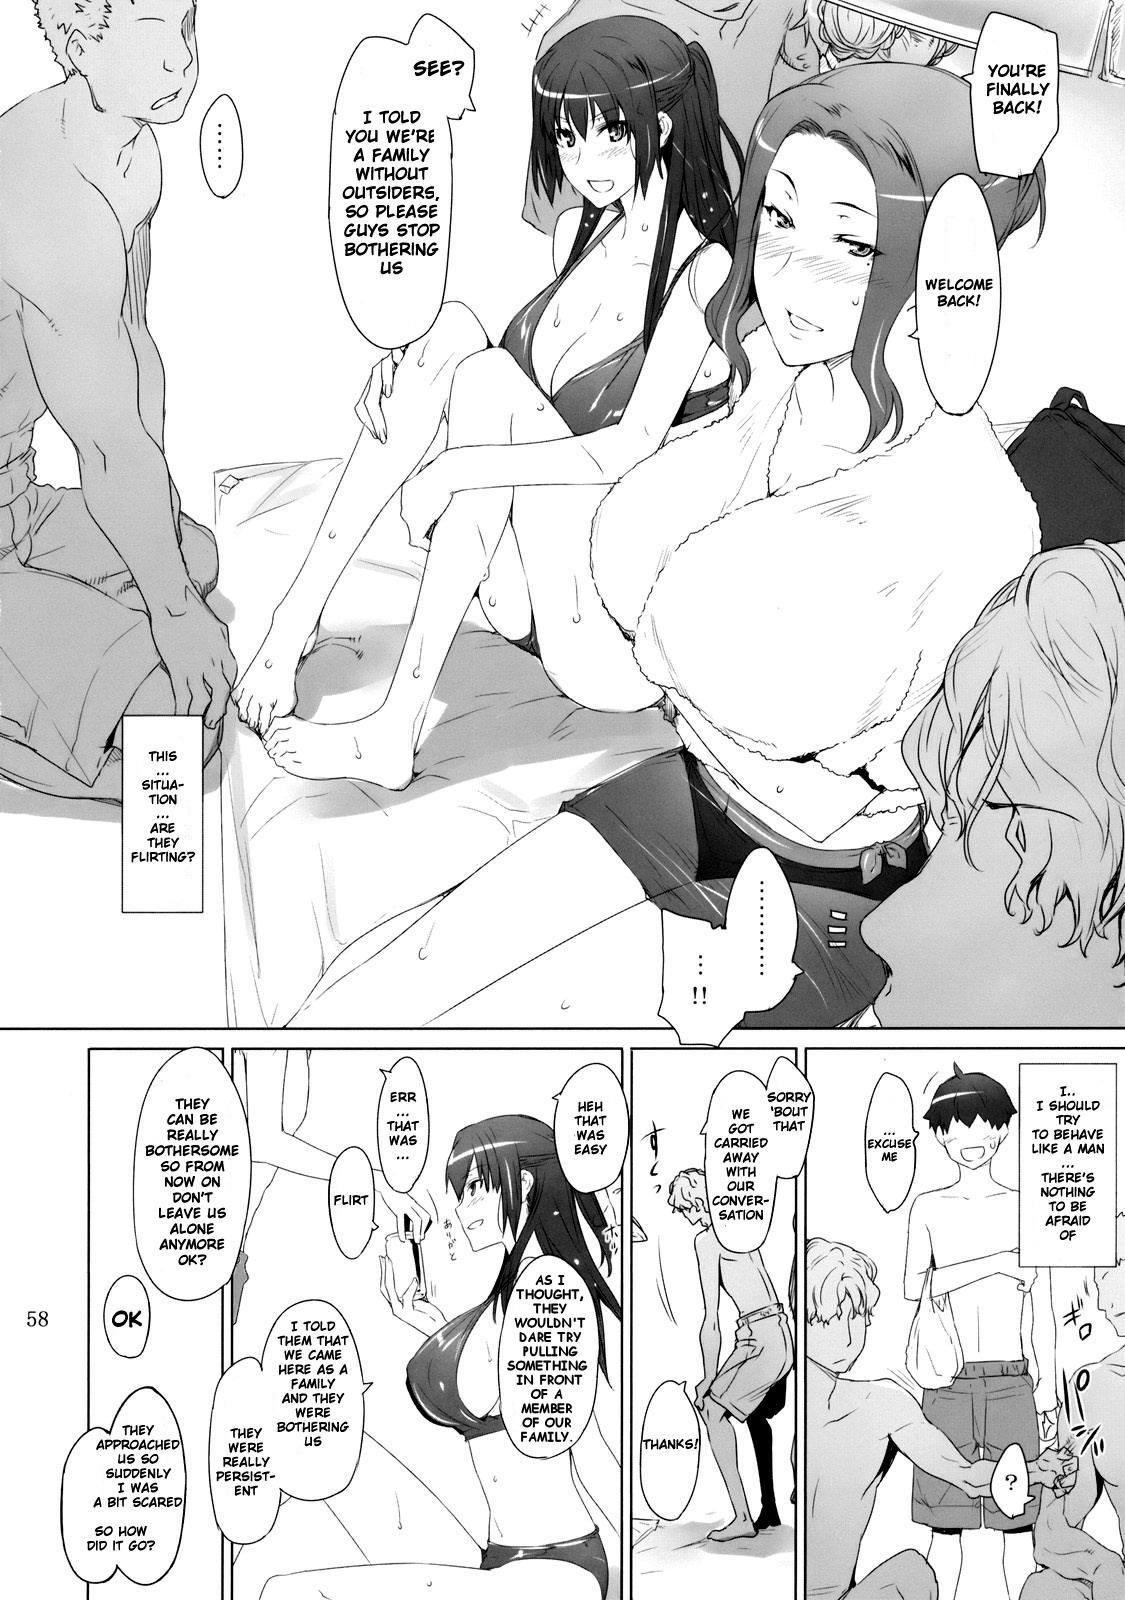 Mtsp - Tachibana-san's Circumstabces WIth a Man 2 6